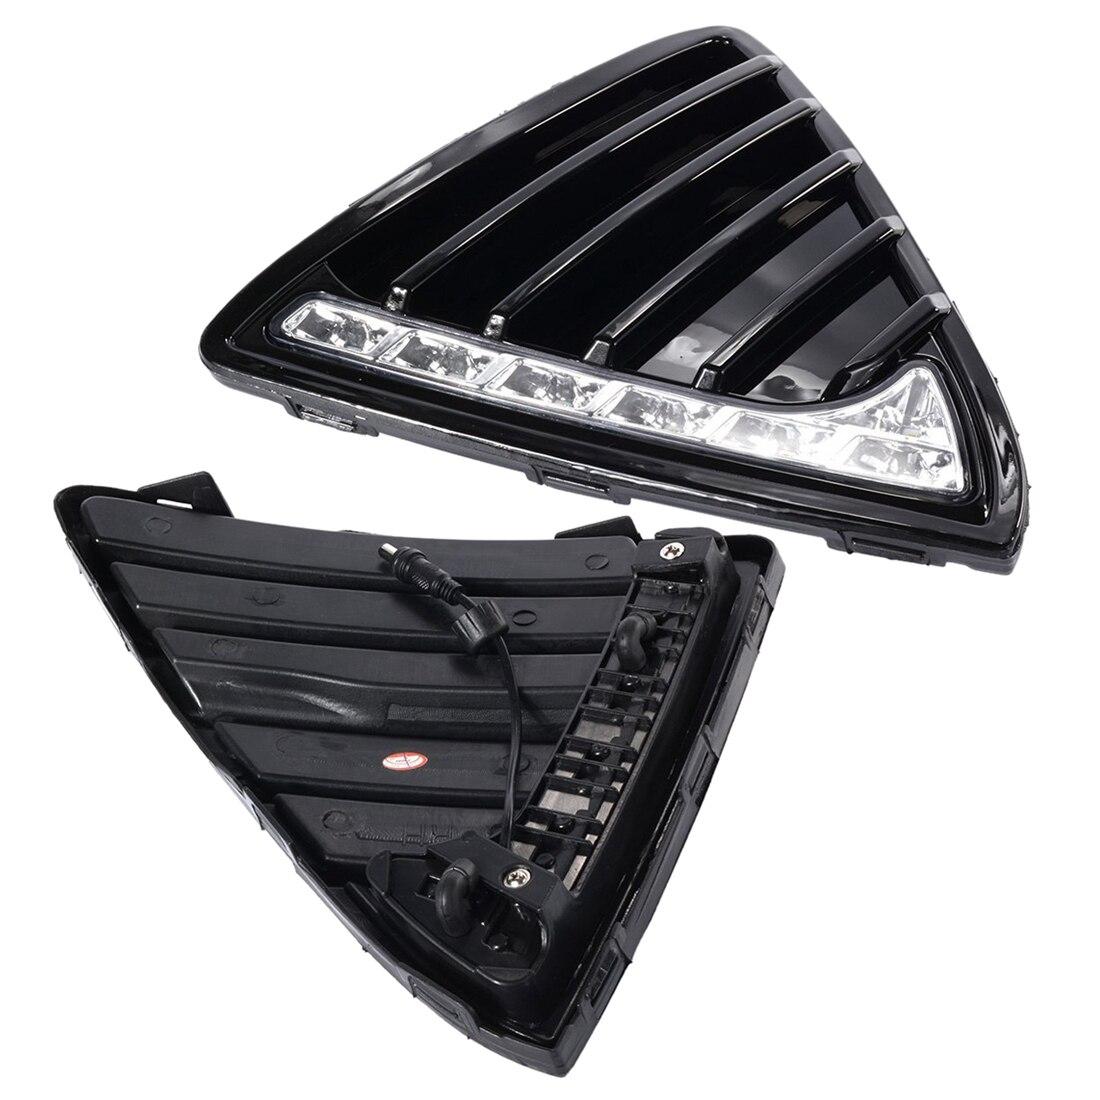 2x Car LED Daytime Running Light For Ford Focus Fog Head Lamp DRL 2011-2014 MA141 White